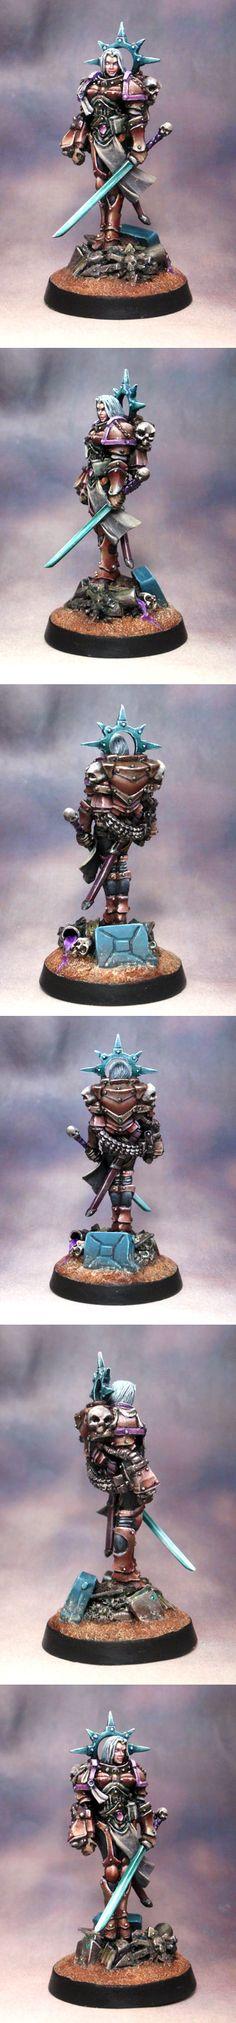 40k - Female Inquisitor